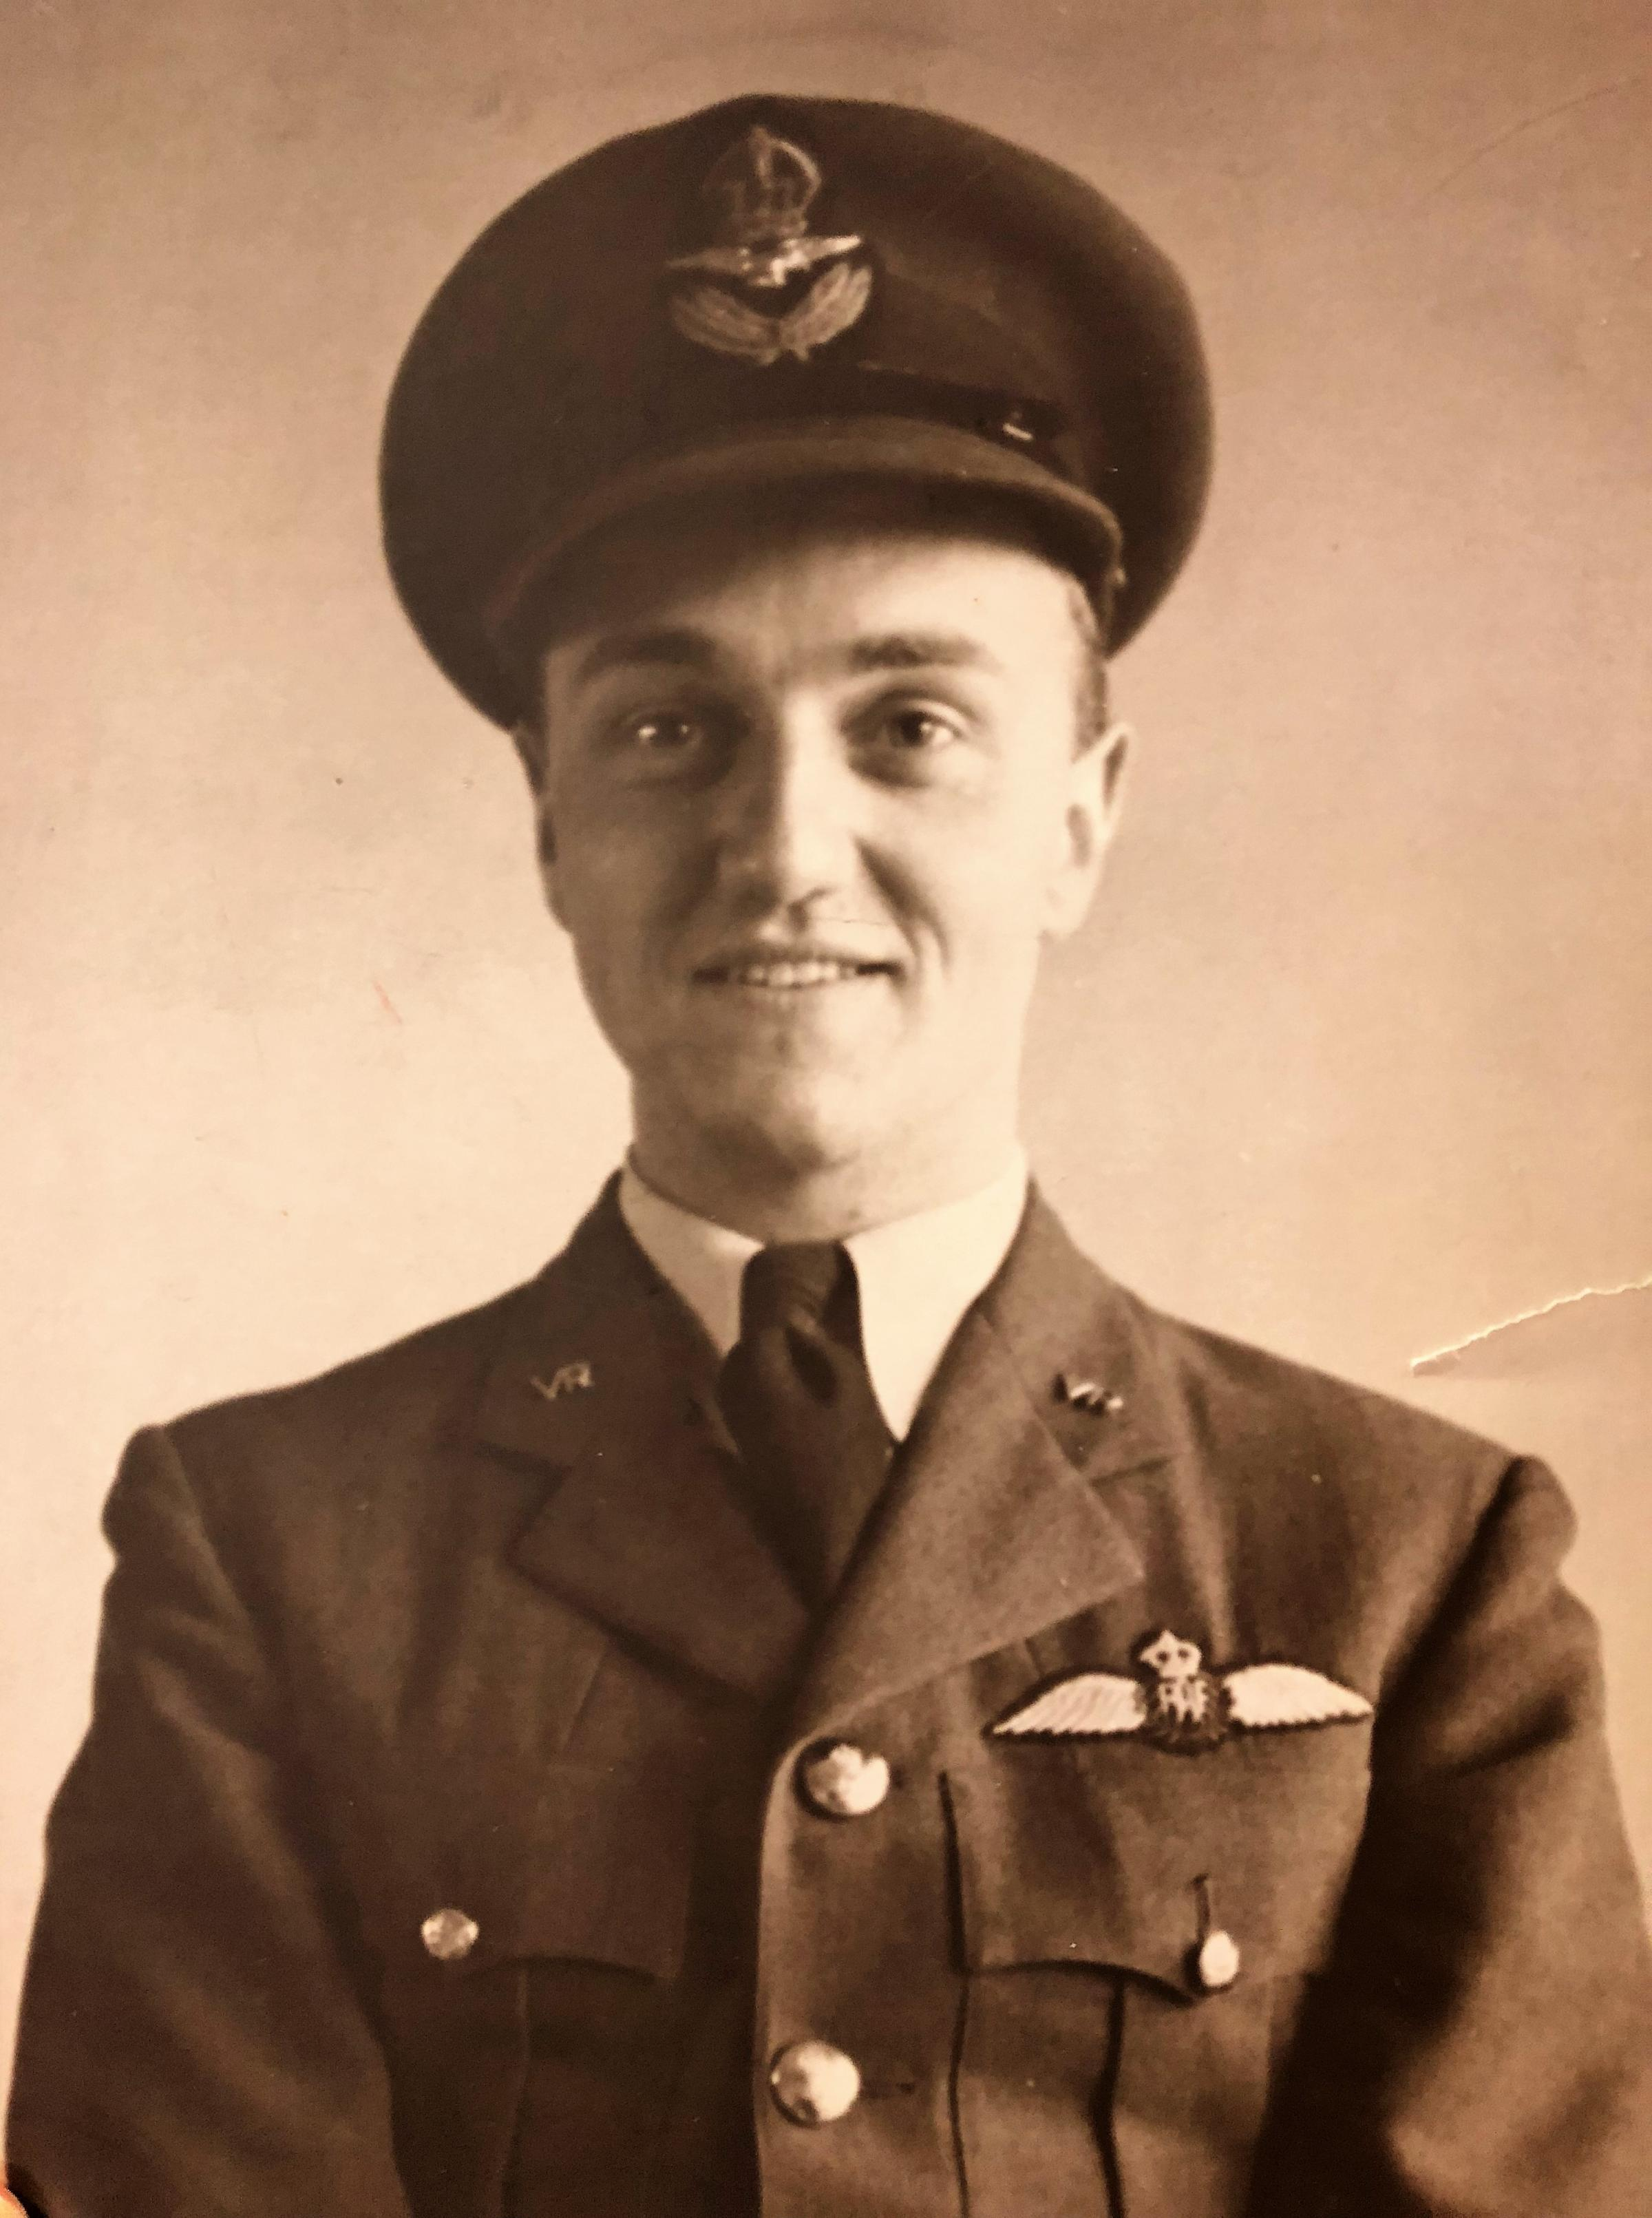 Old pilot uniform